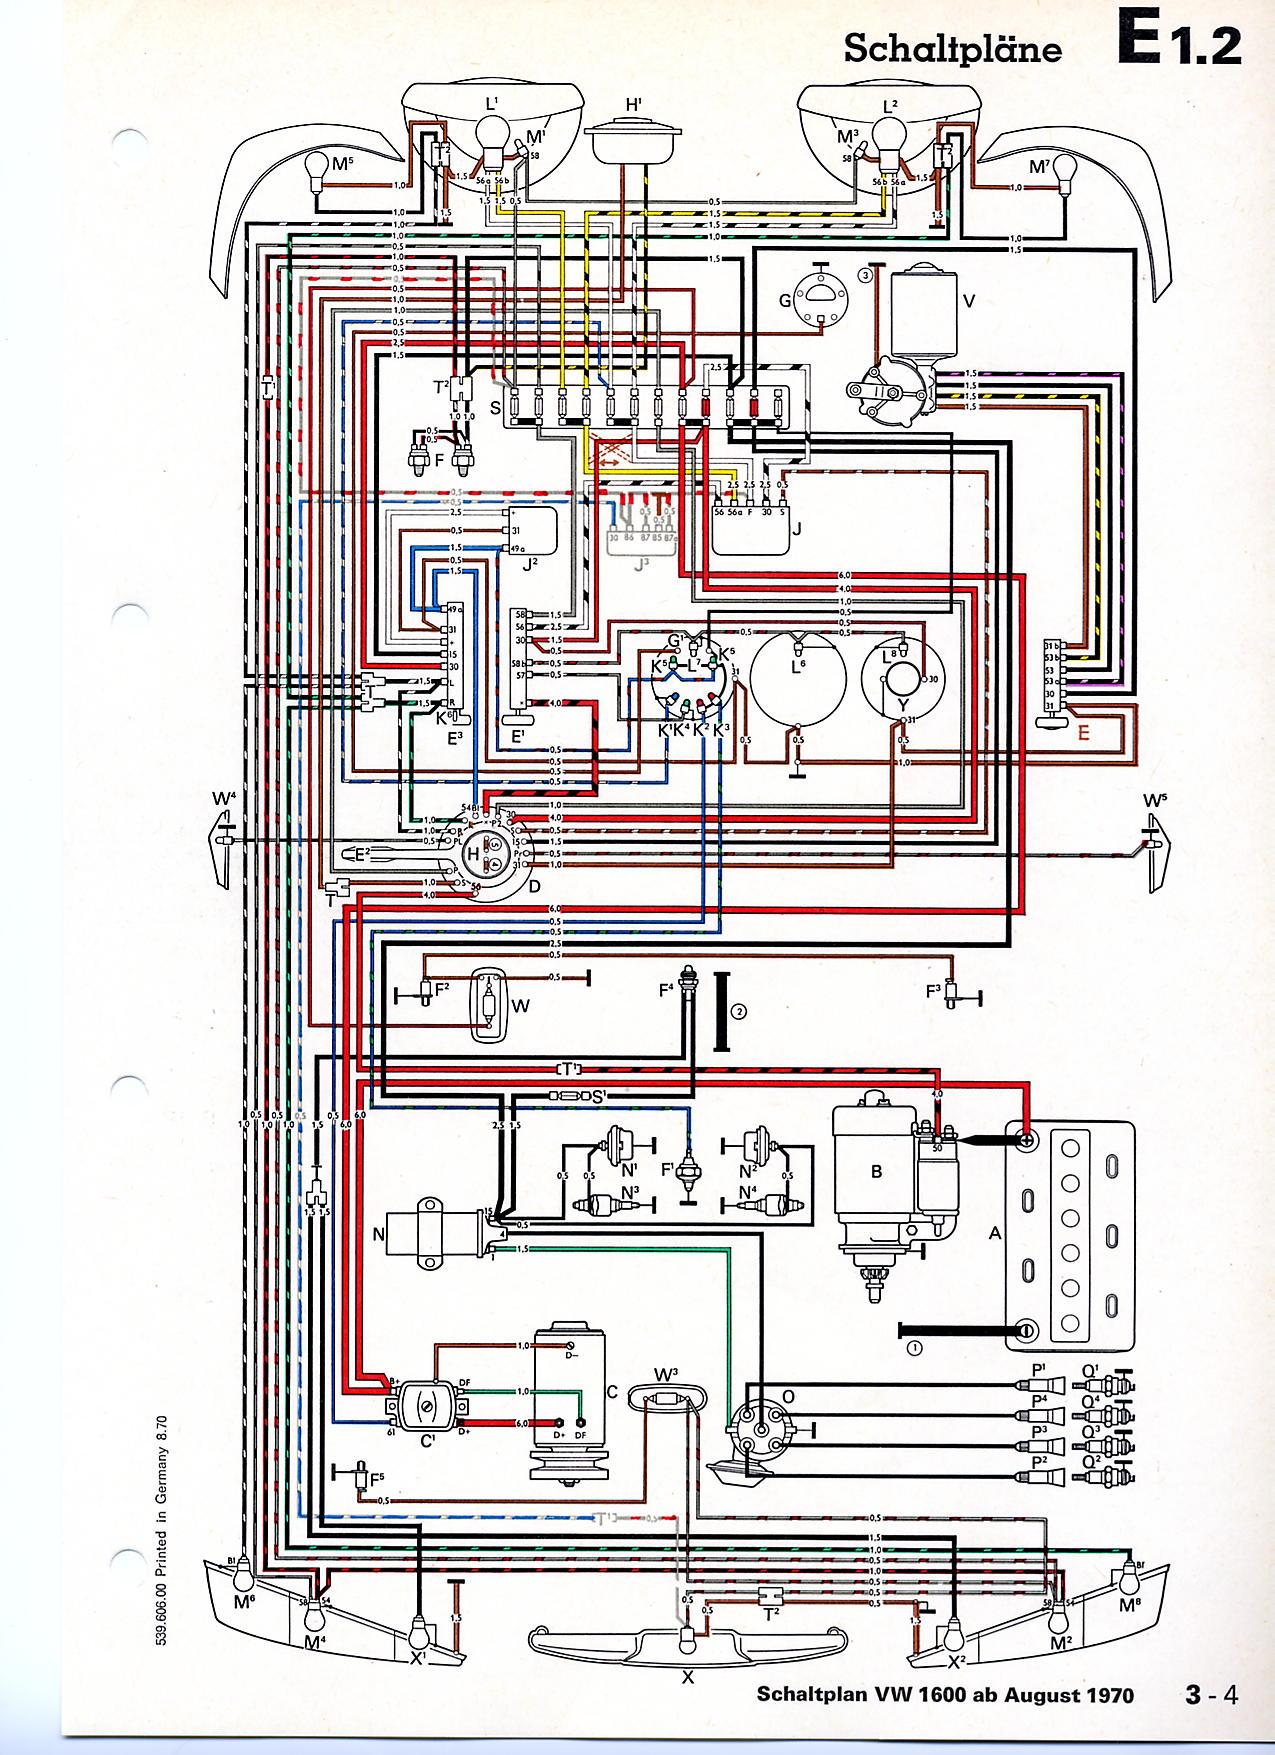 Berühmt 2000 Vw Käfer Schaltplan Bilder - Elektrische Schaltplan ...